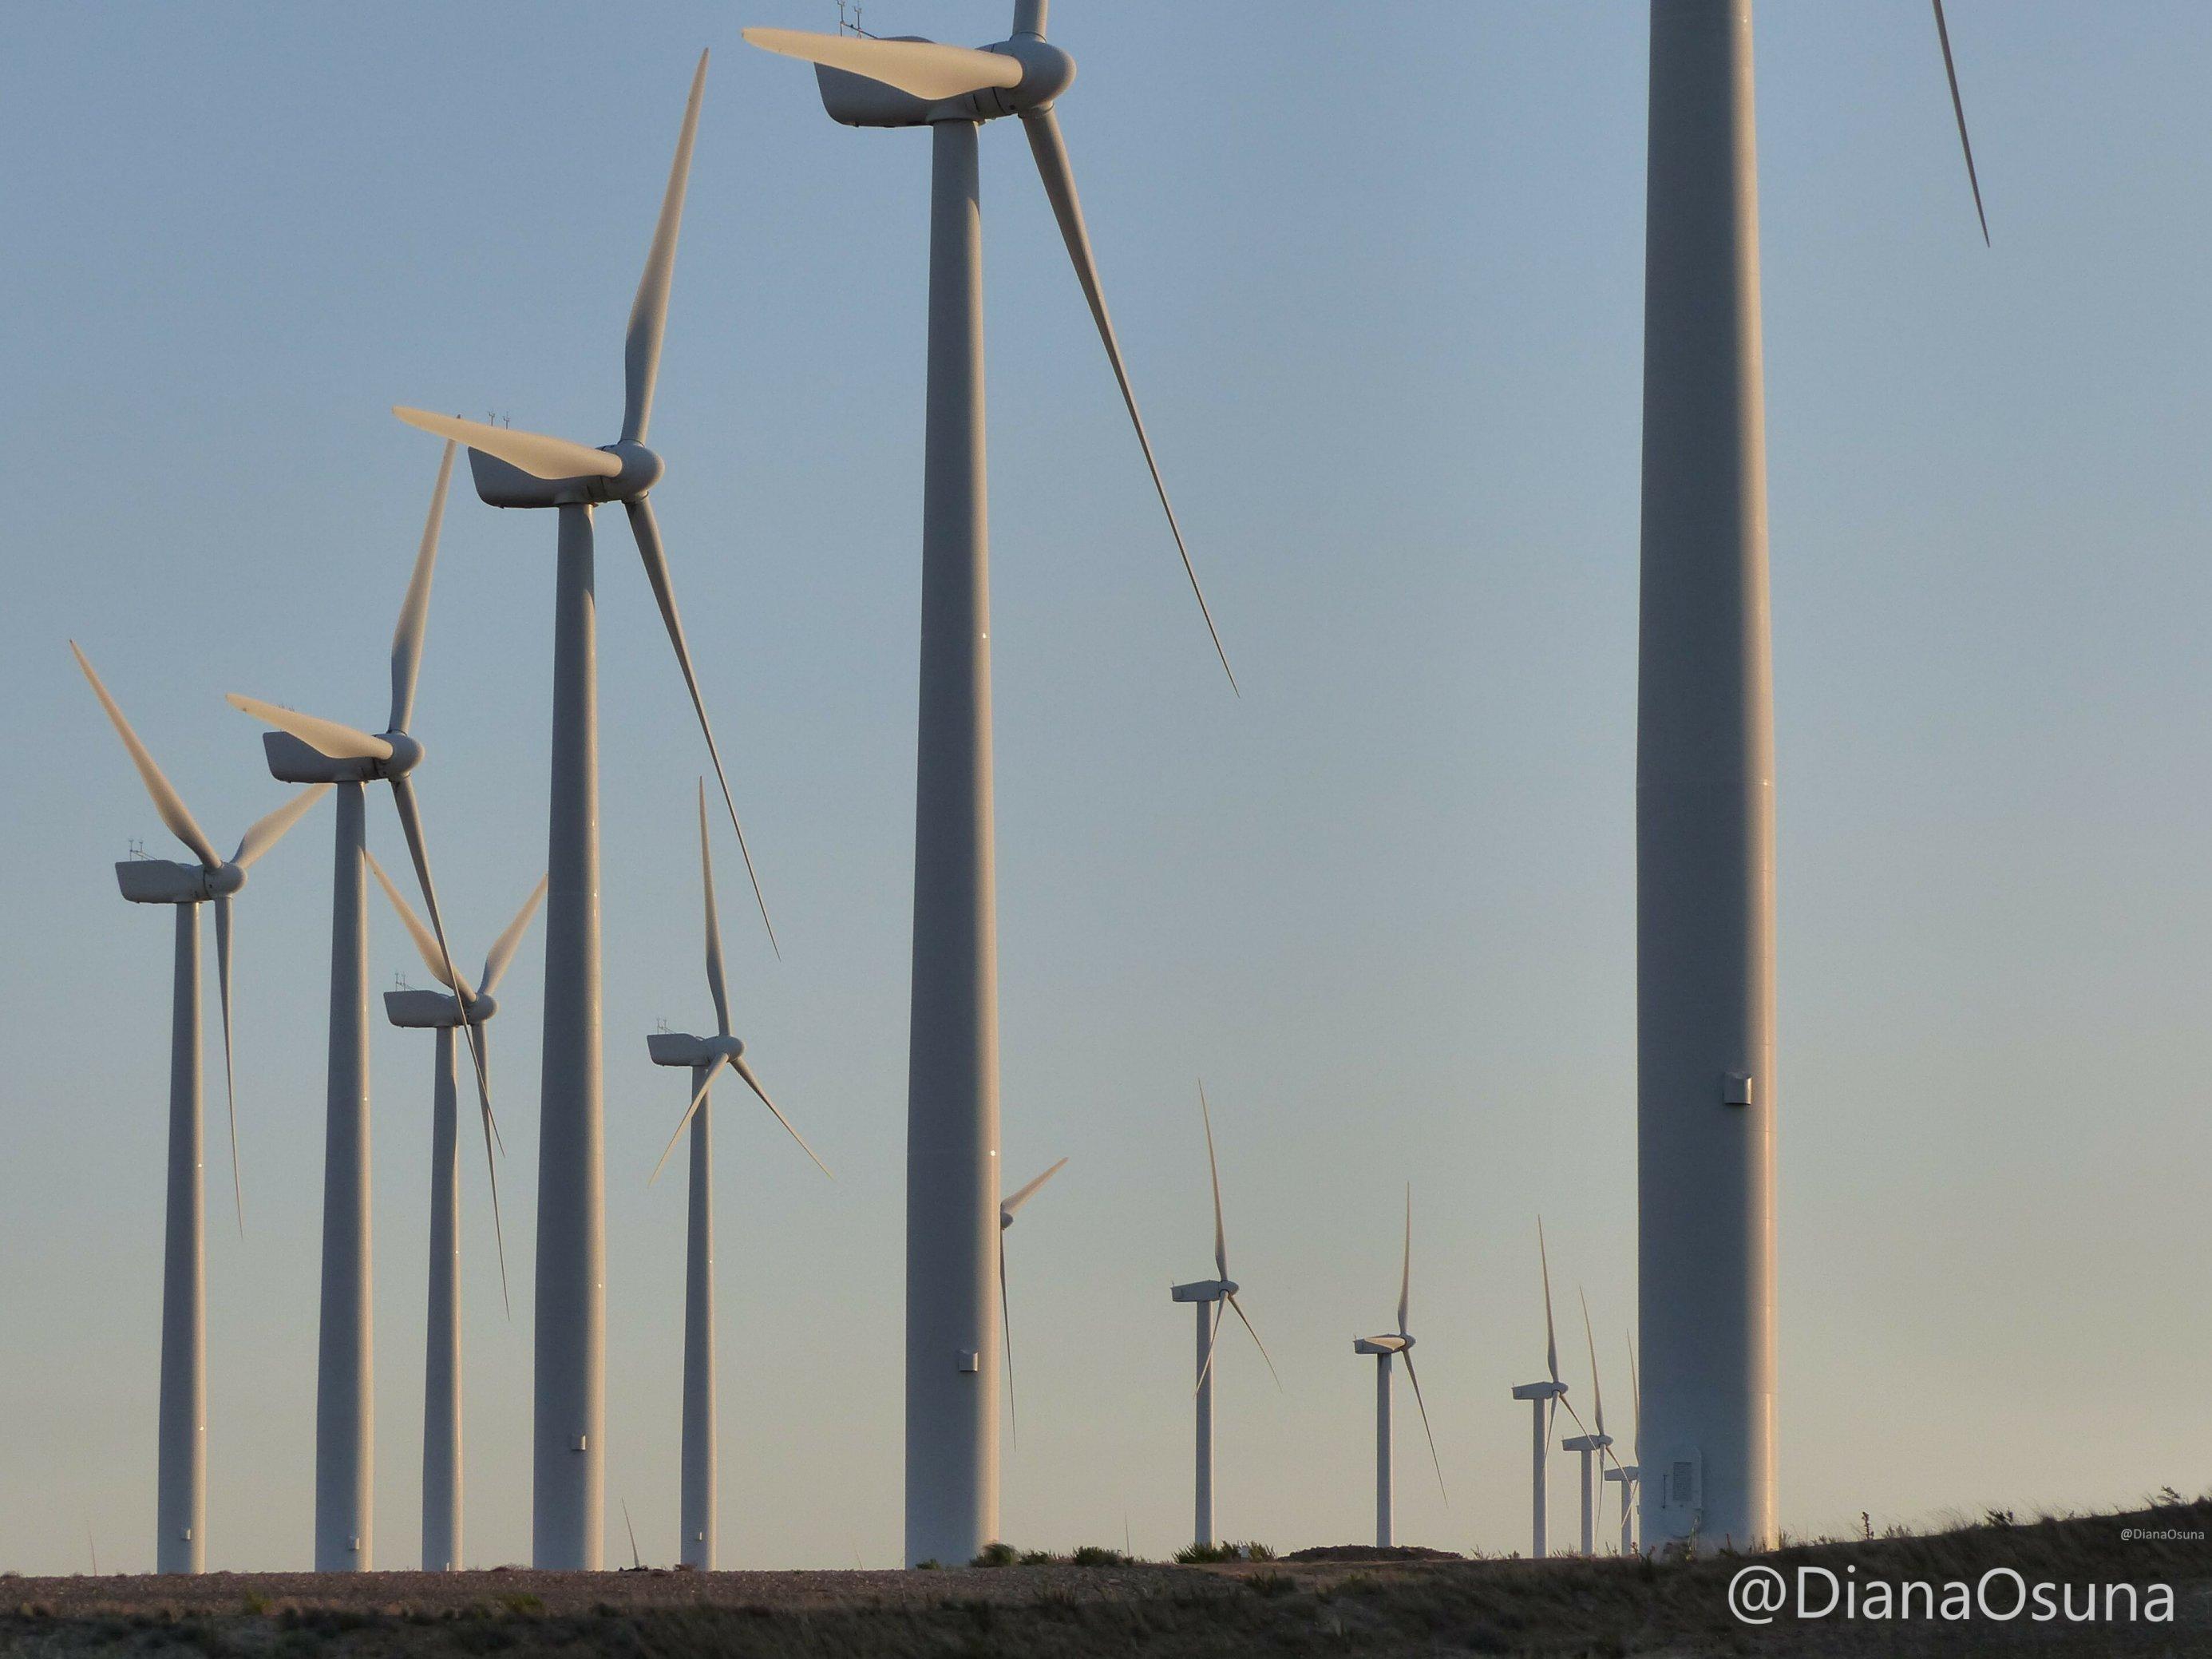 Eine lange Reihe von Windrädern zieht sich über eine Hügelkette